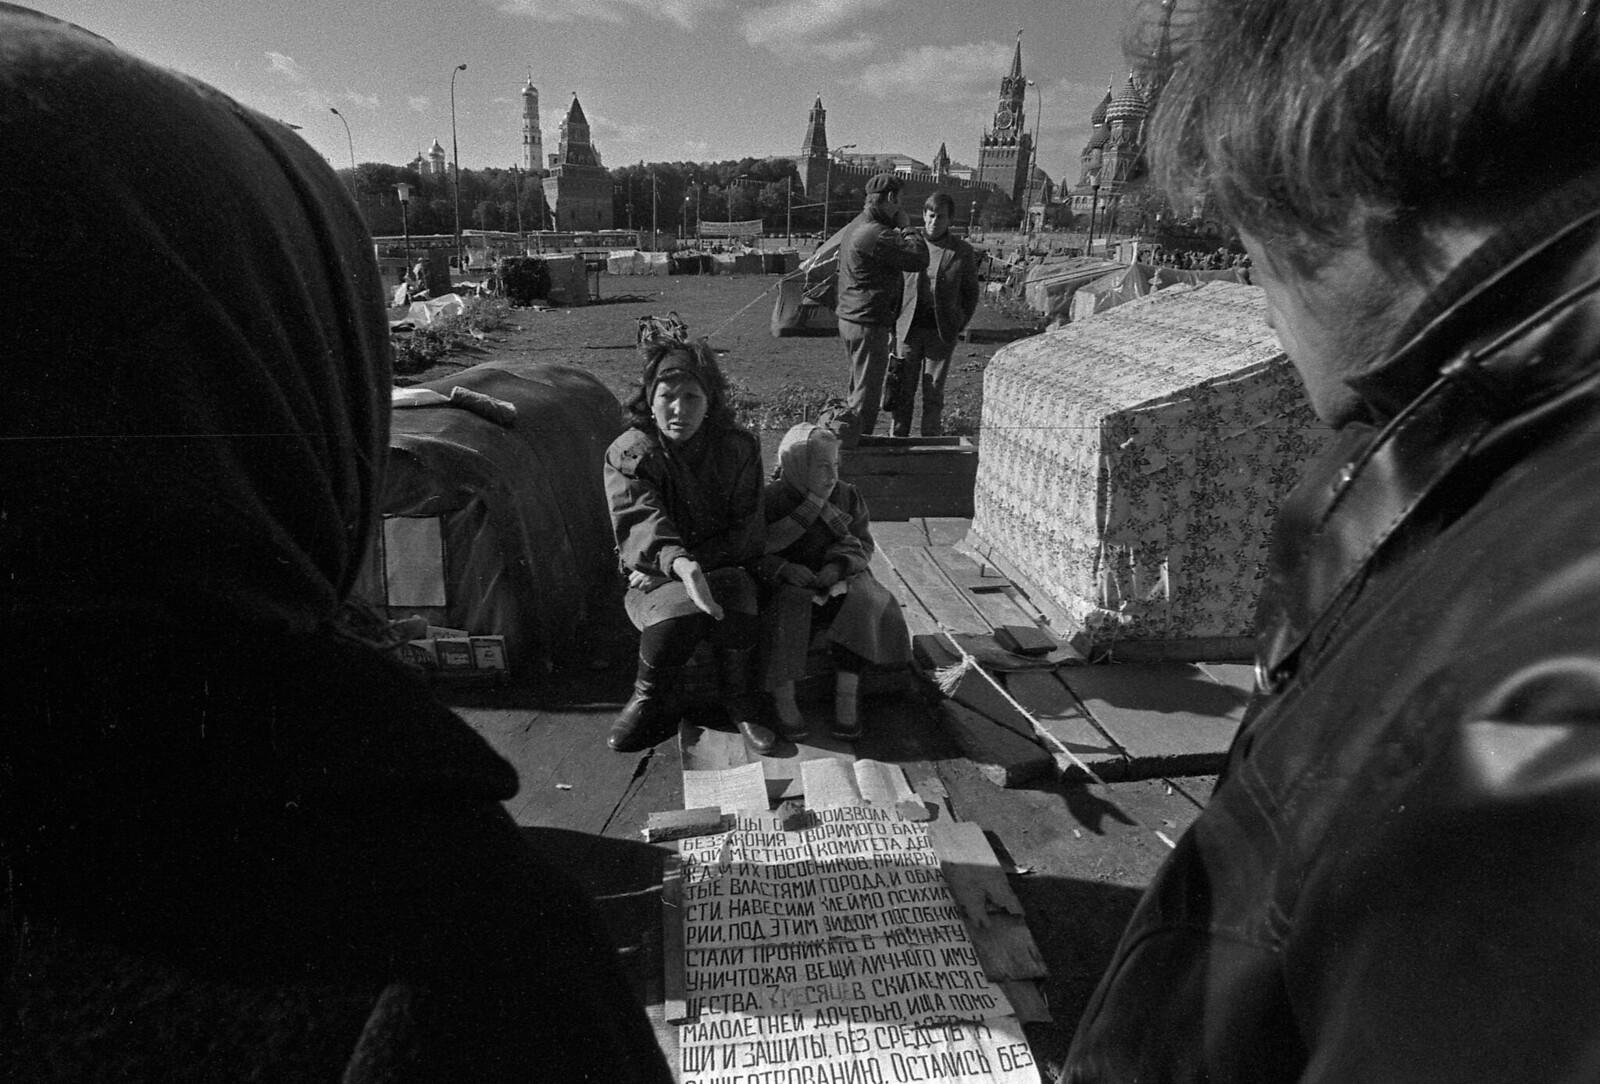 1989. Васильевский спуск, Палаточный городок (12)